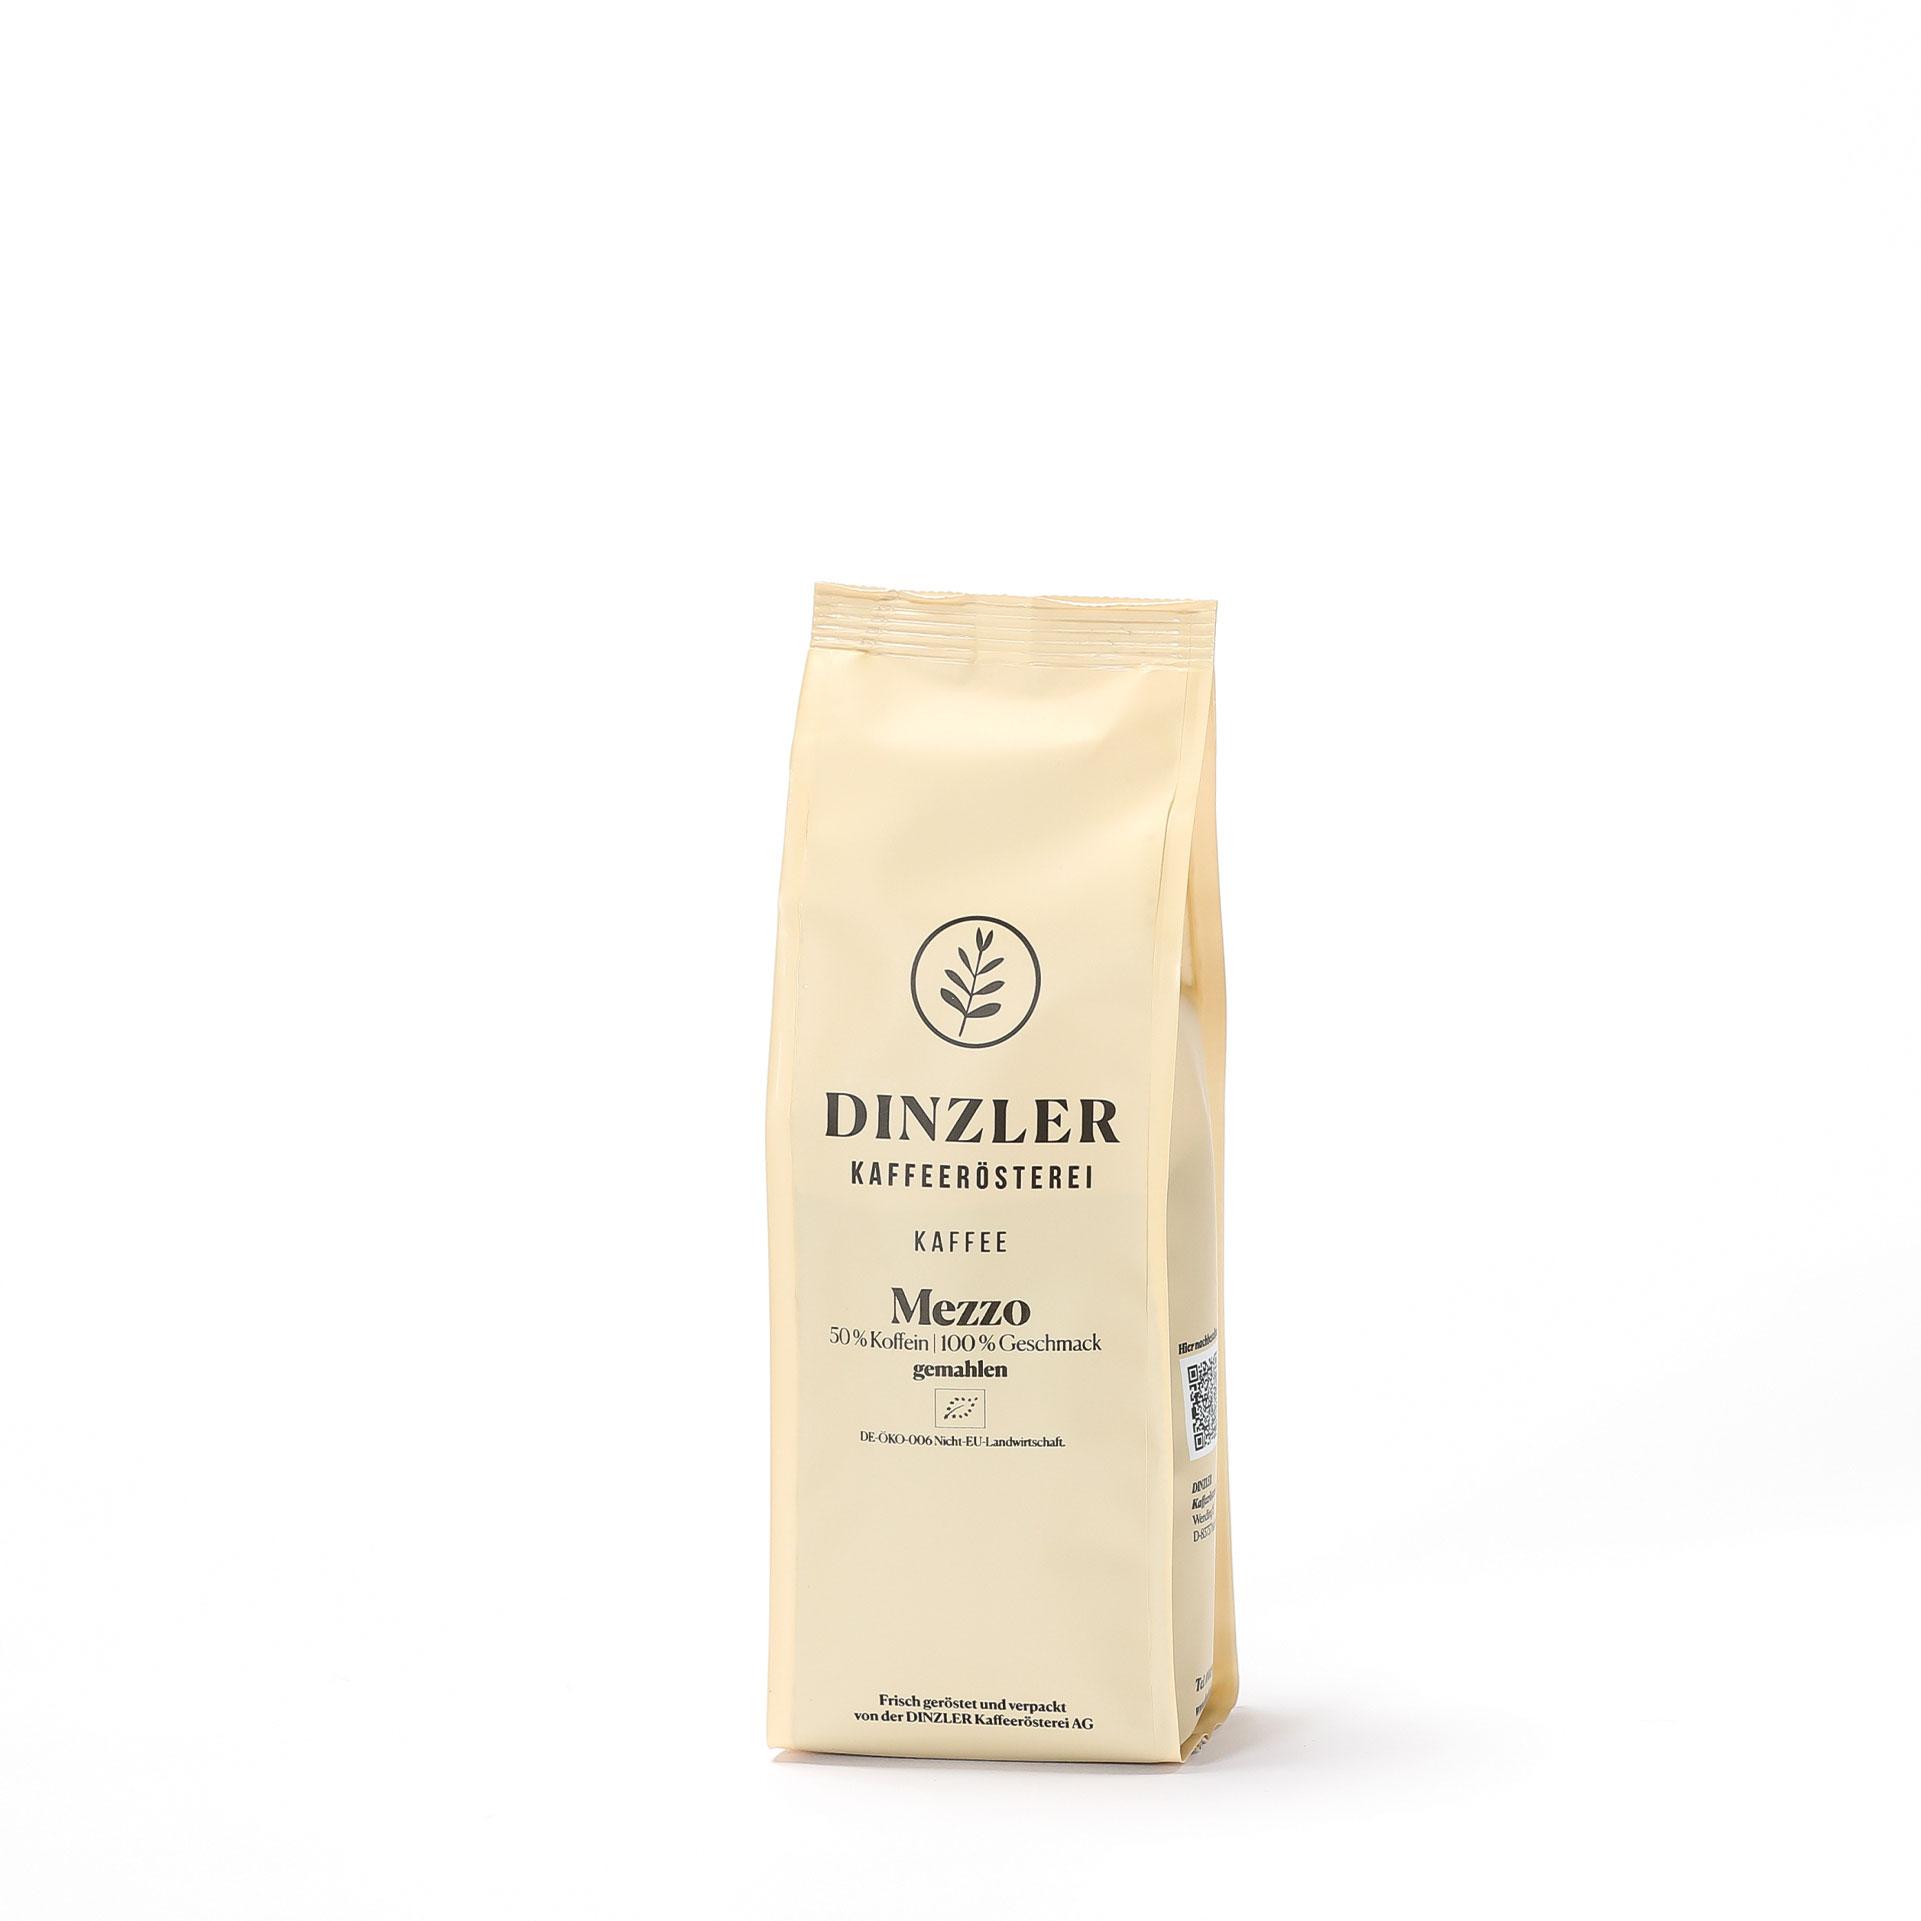 DINZLER Kaffee Mezzo